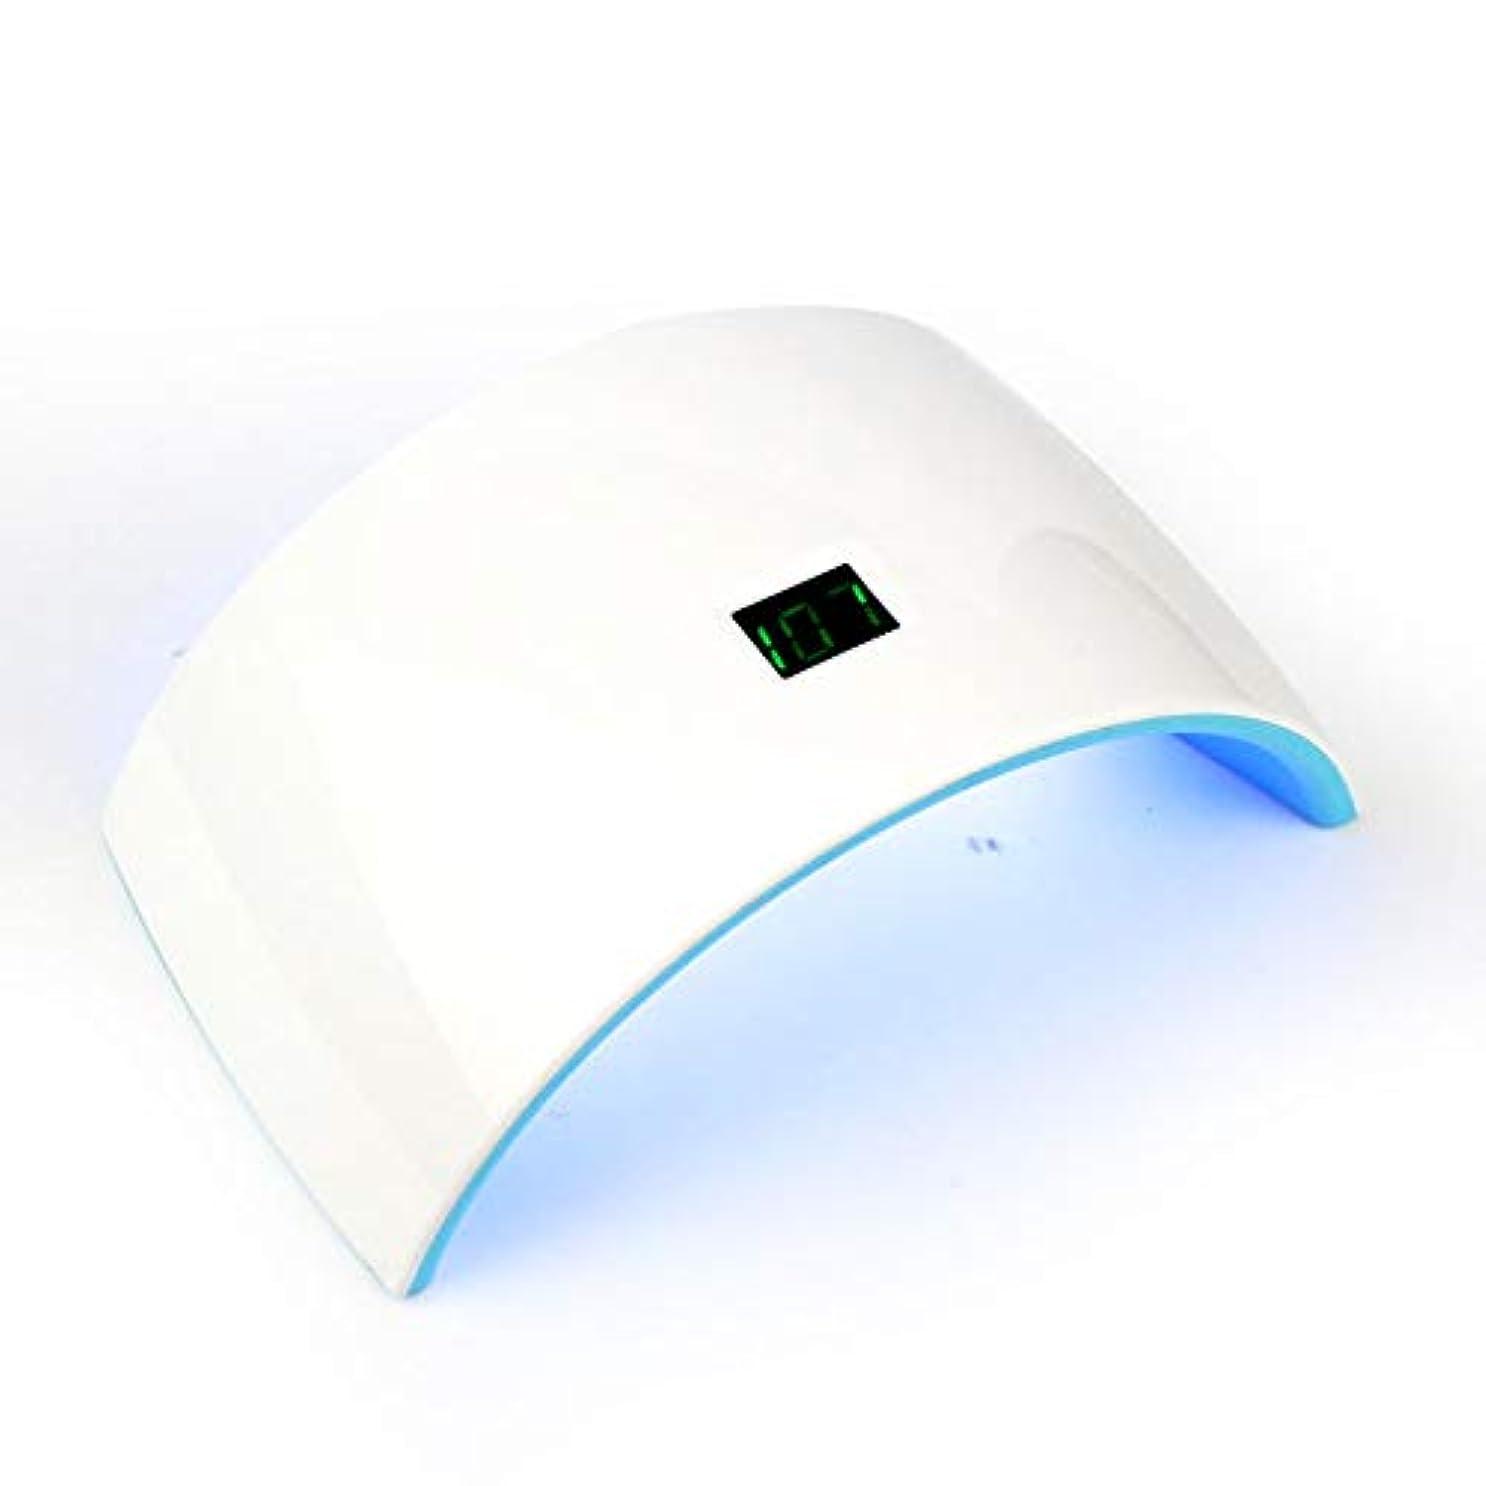 近似意図的正当なボタン療法のない導かれた光線療法の釘機械30W作り付けのリチウム電池15ランプのビードの振動調節